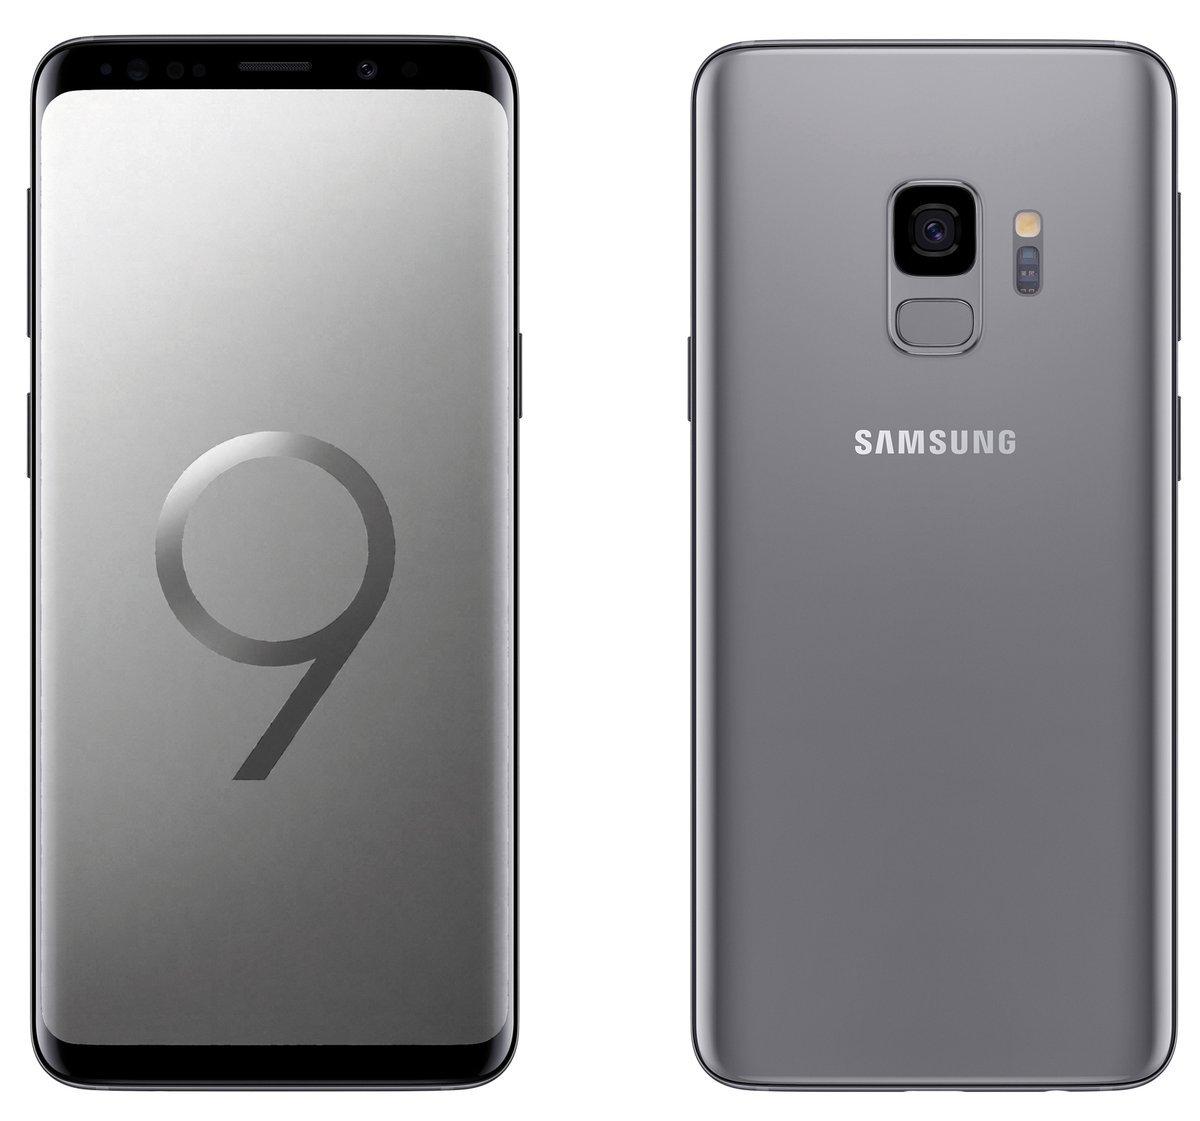 Filtran imágenes del Galaxy S9 y S9 + en cada color